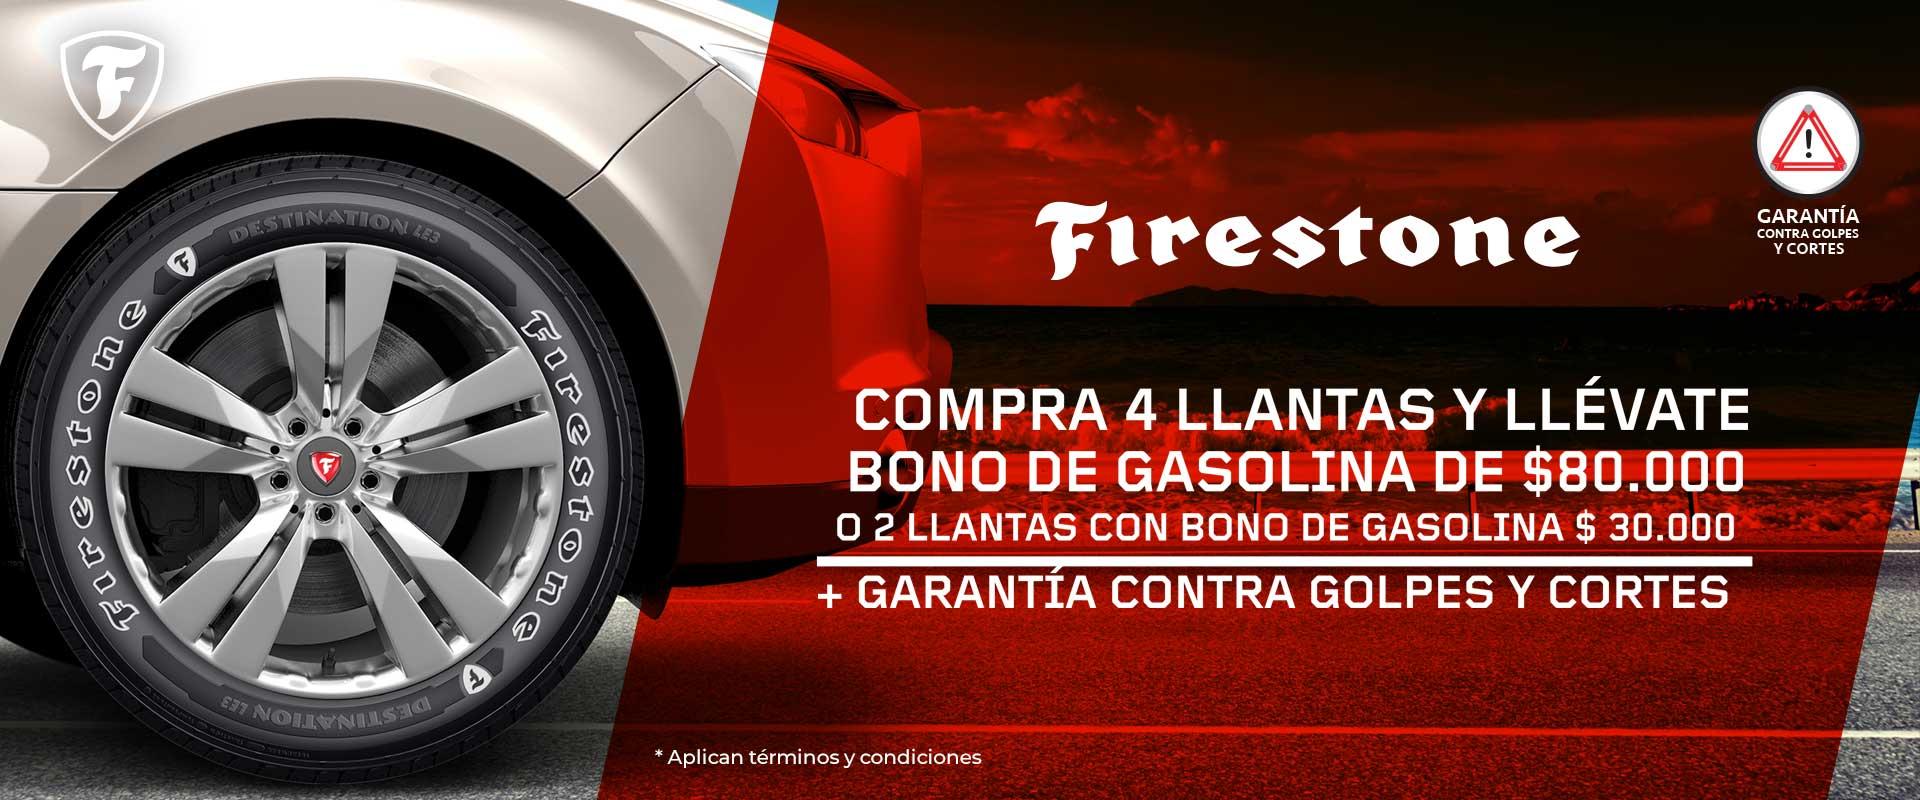 Compra 4 llantas Firestone y llévate bono de gasolina de 80K o 2 llantas y llévate uno de 30K